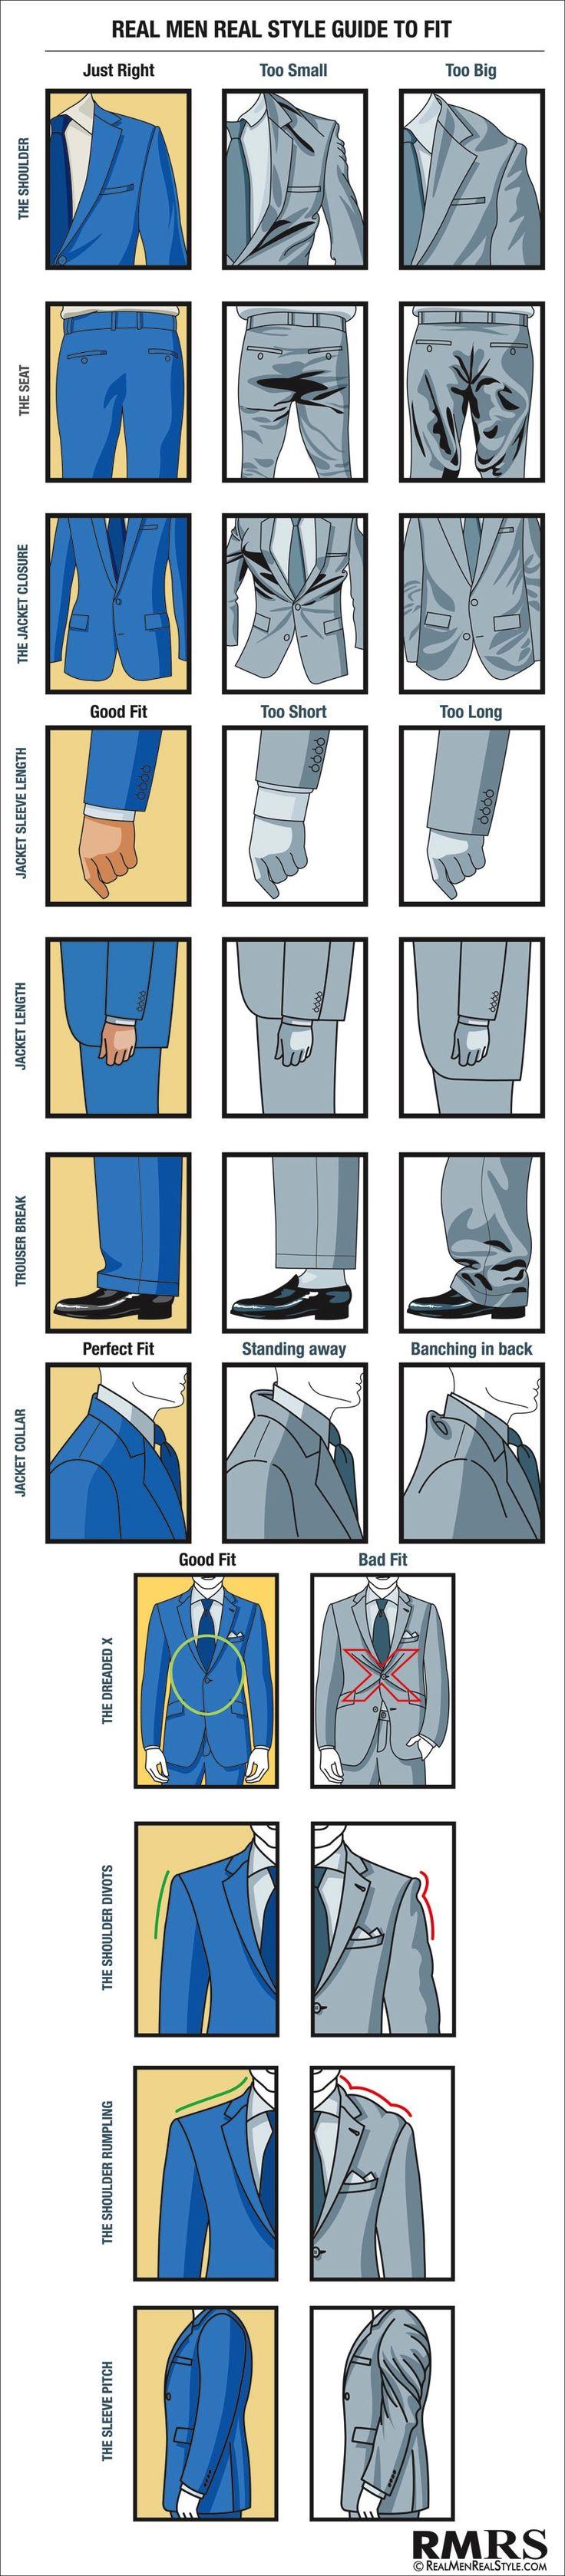 siemre habia querido algo asi como para comparar cuando uno esta vistiendo correctamente una prenda ;) gracias pinterest